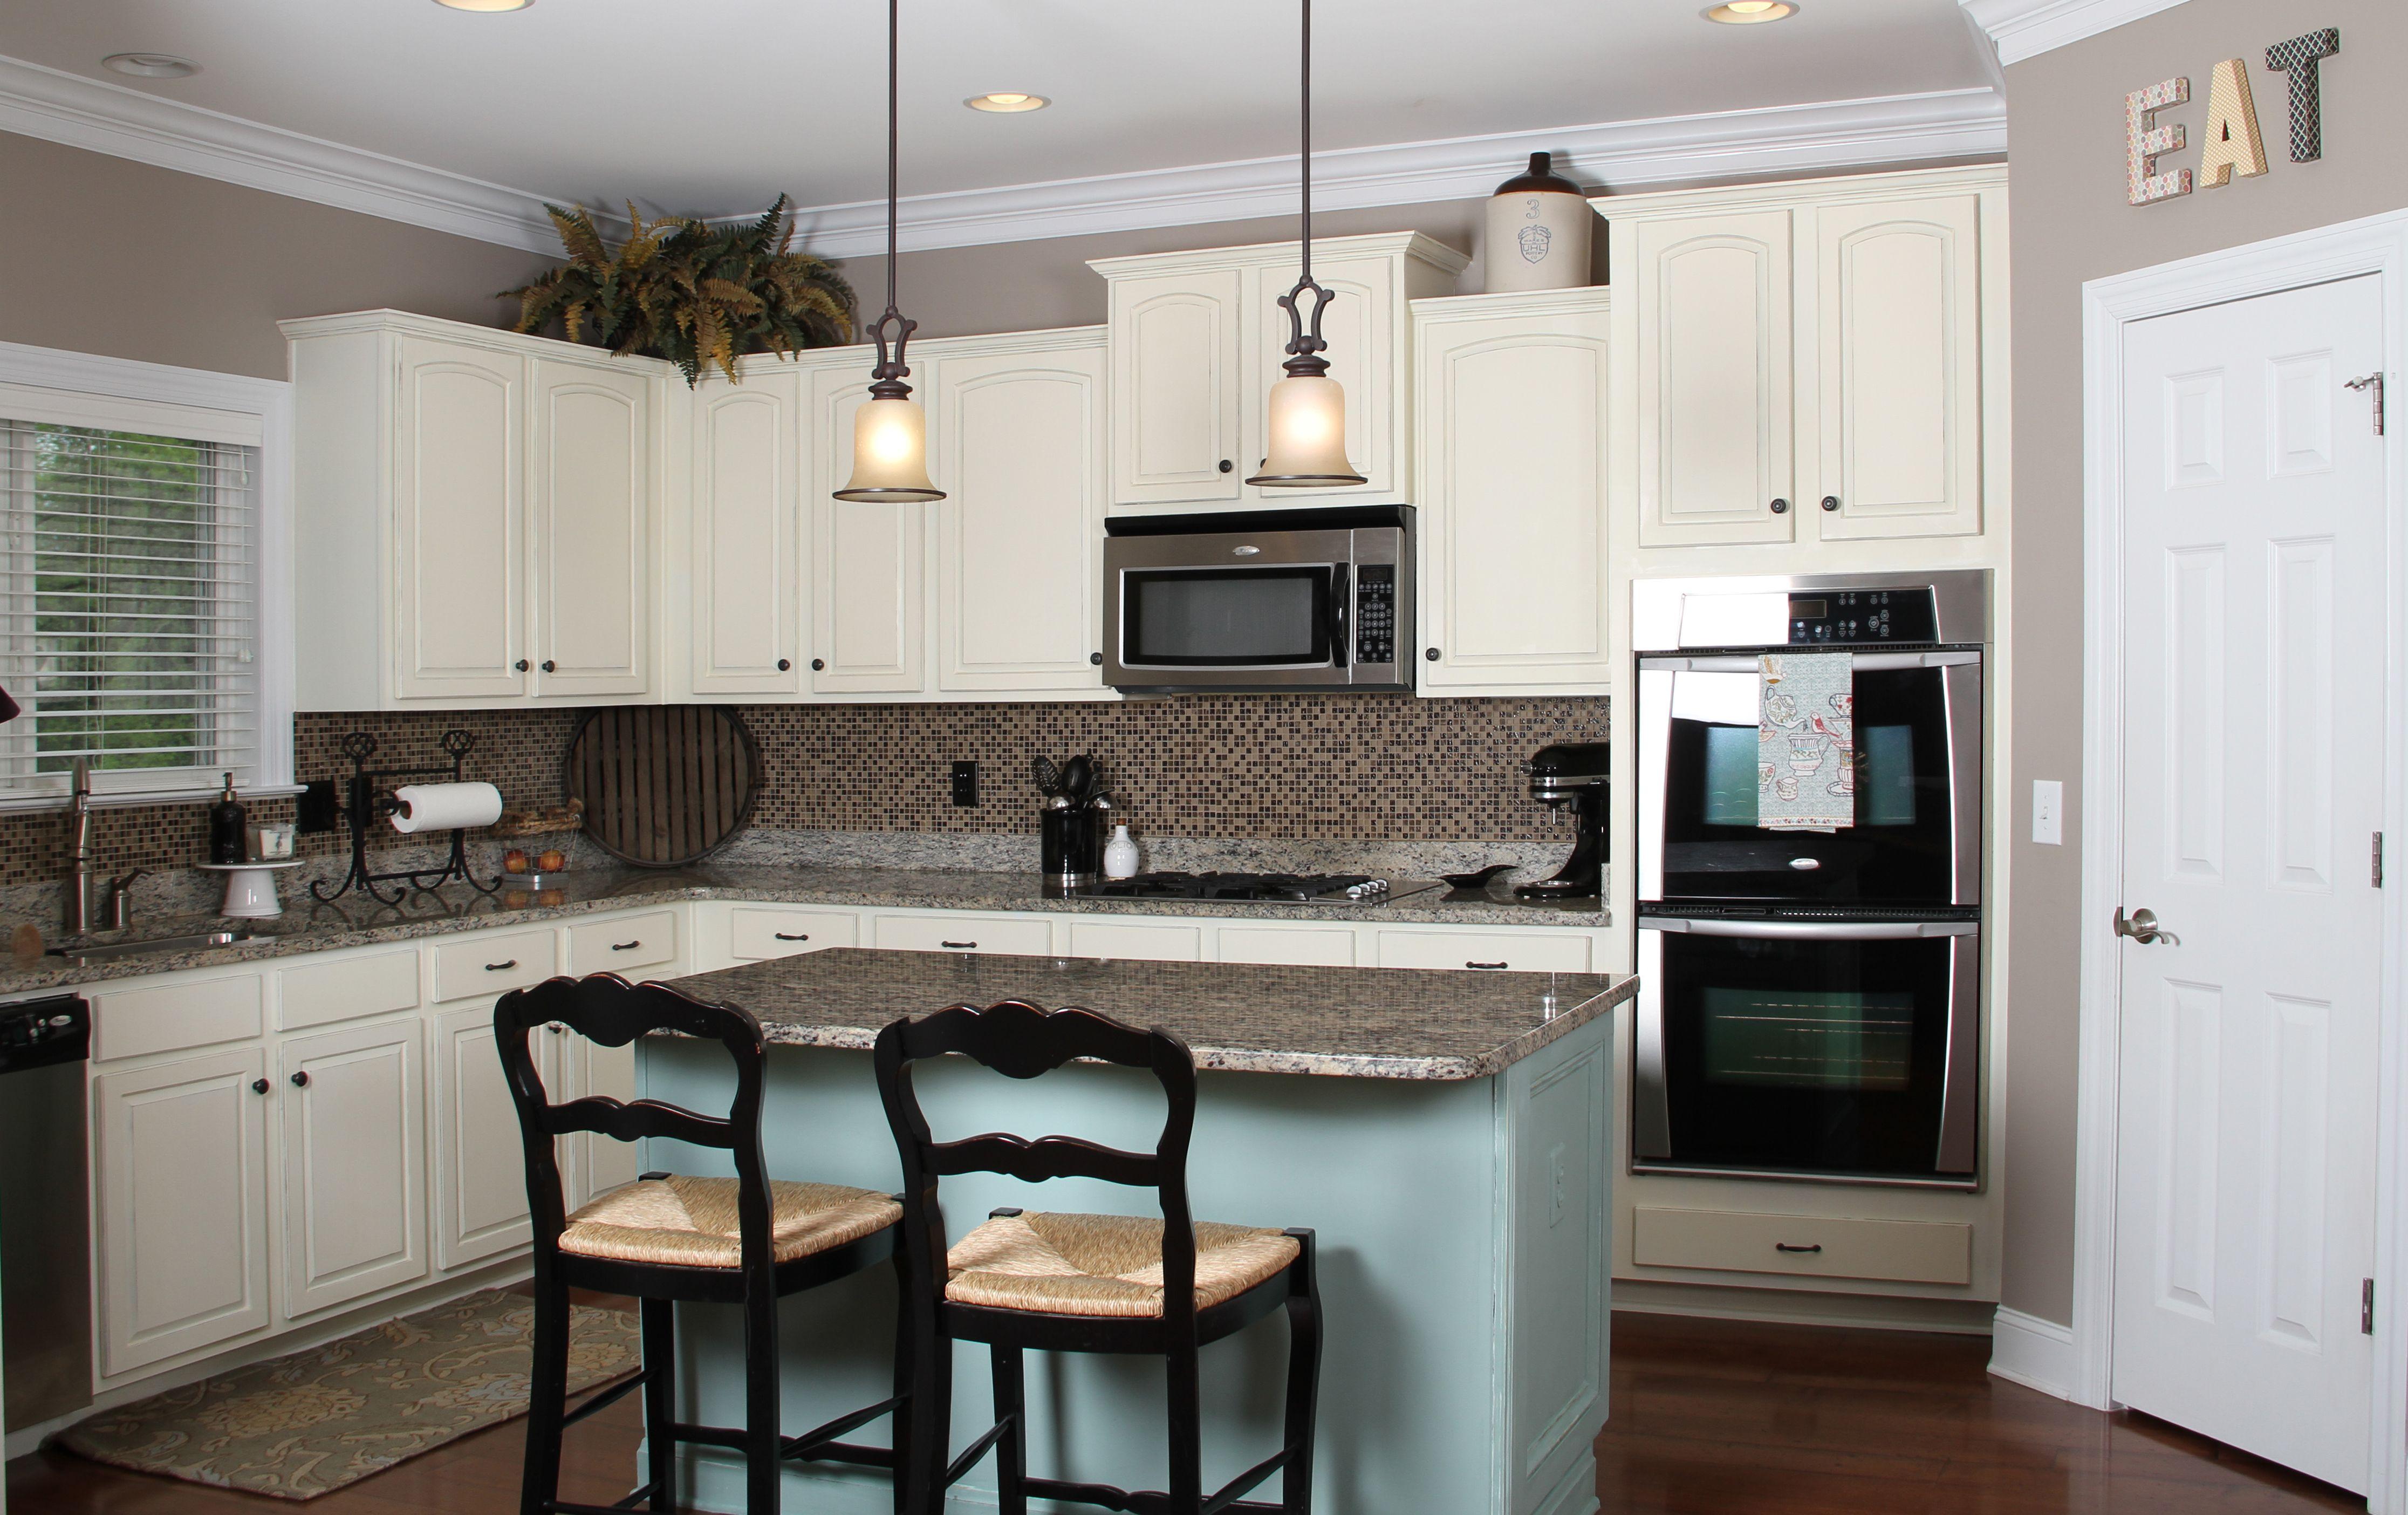 Grandiose double pendant light over small kitchen island and black